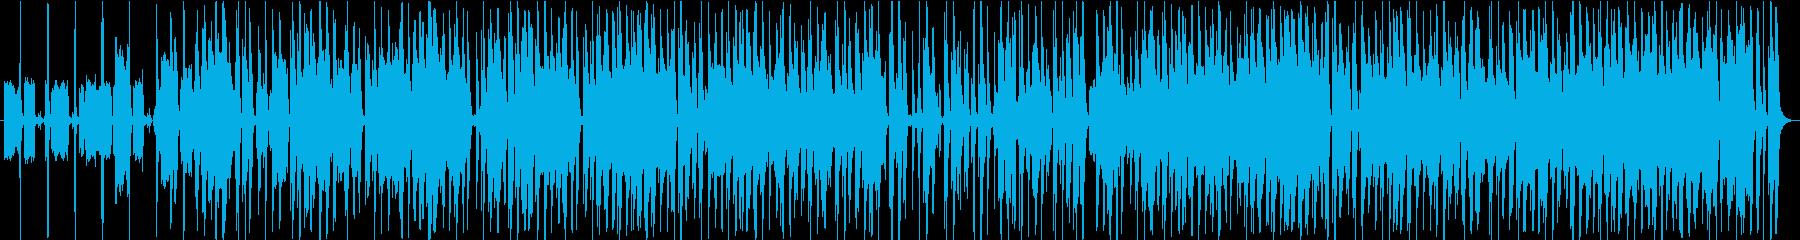 ネオシティポップ【スティールパン】の再生済みの波形